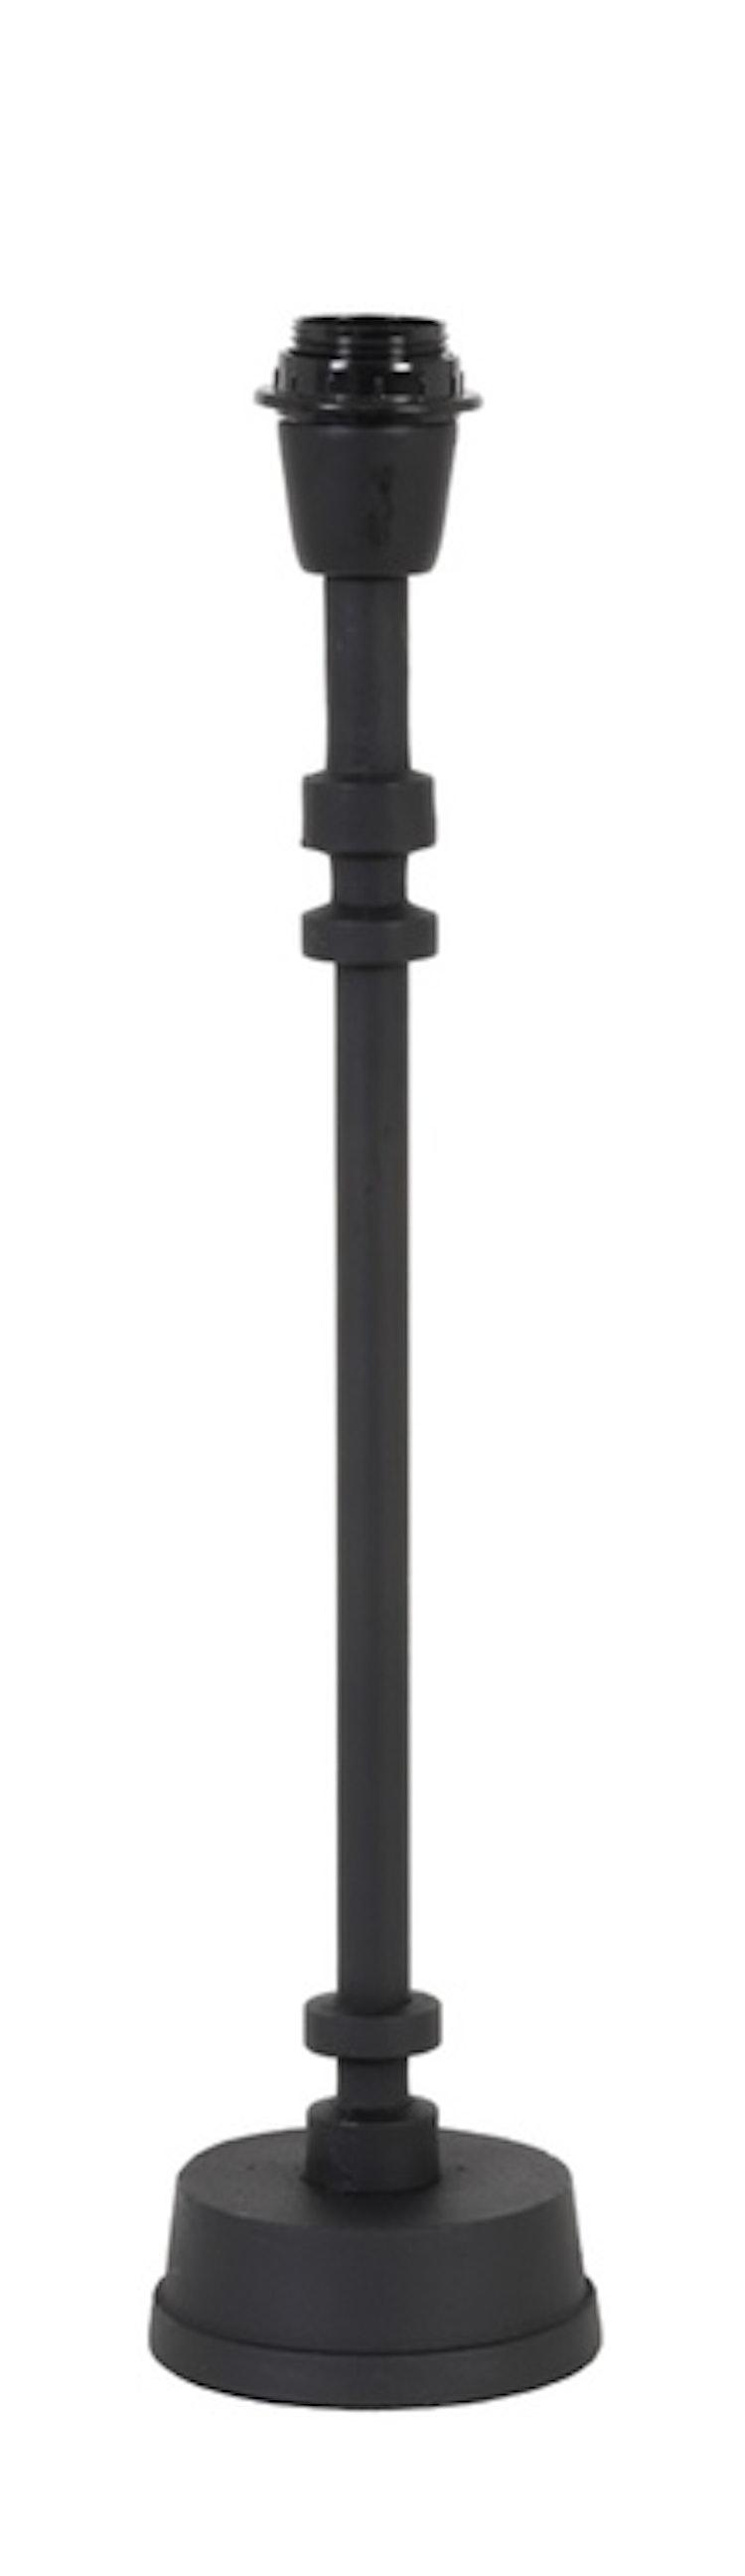 Lampfot Howell matt svart